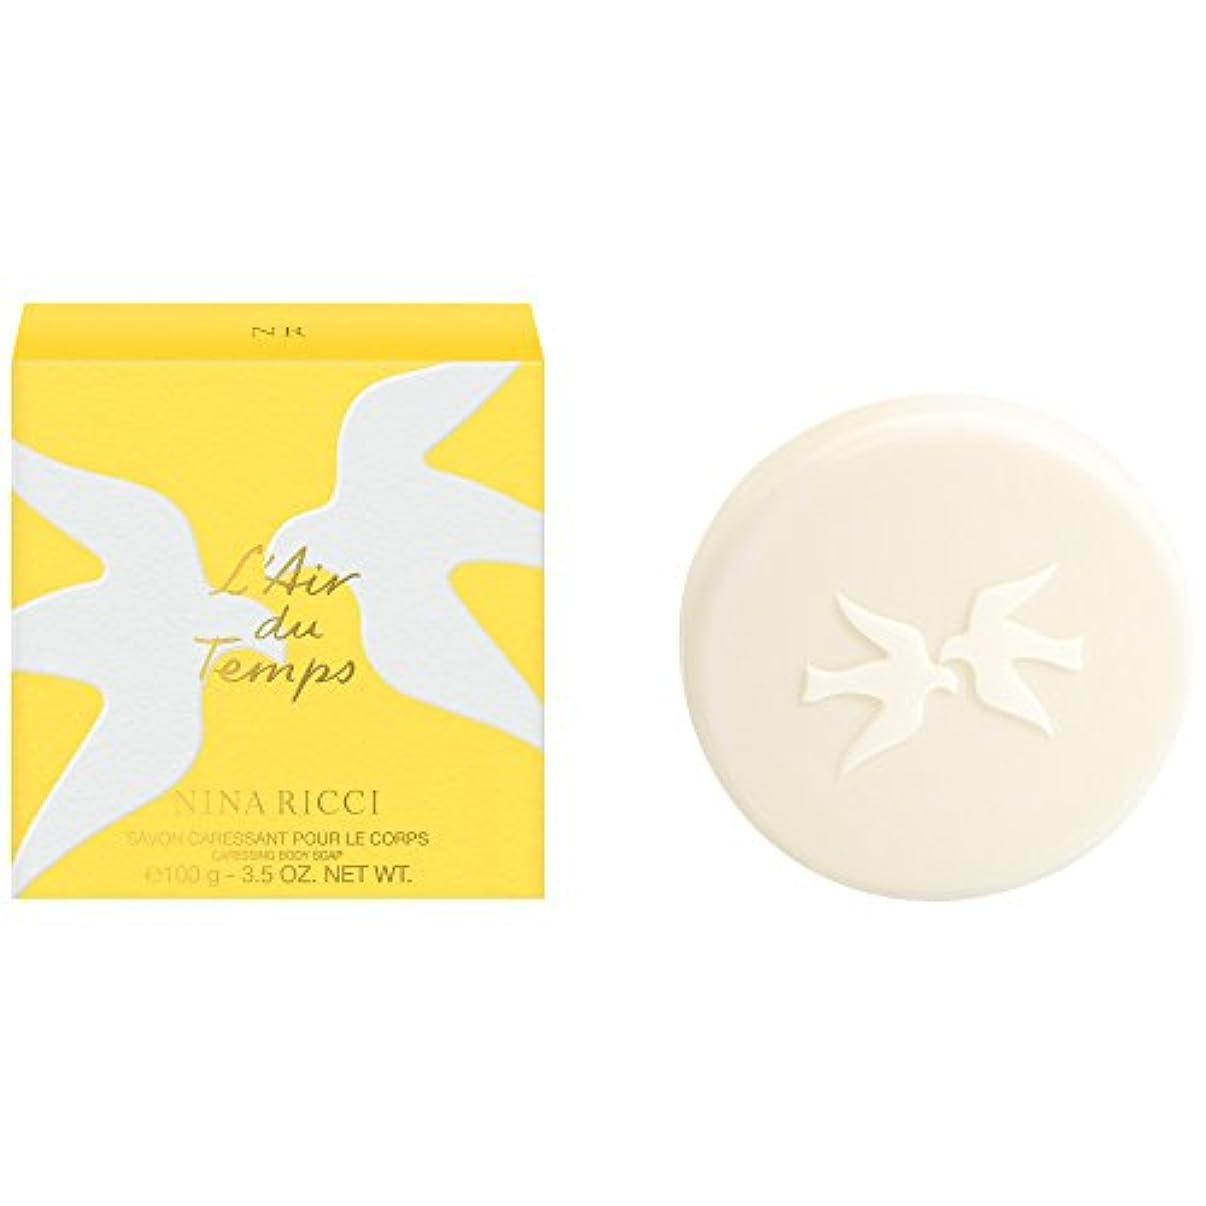 ピッチャー指紋ランプニナリッチL'空気デュは石鹸の100グラムをタン (Nina Ricci) - Nina Ricci L'Air du Temps Soap 100g [並行輸入品]